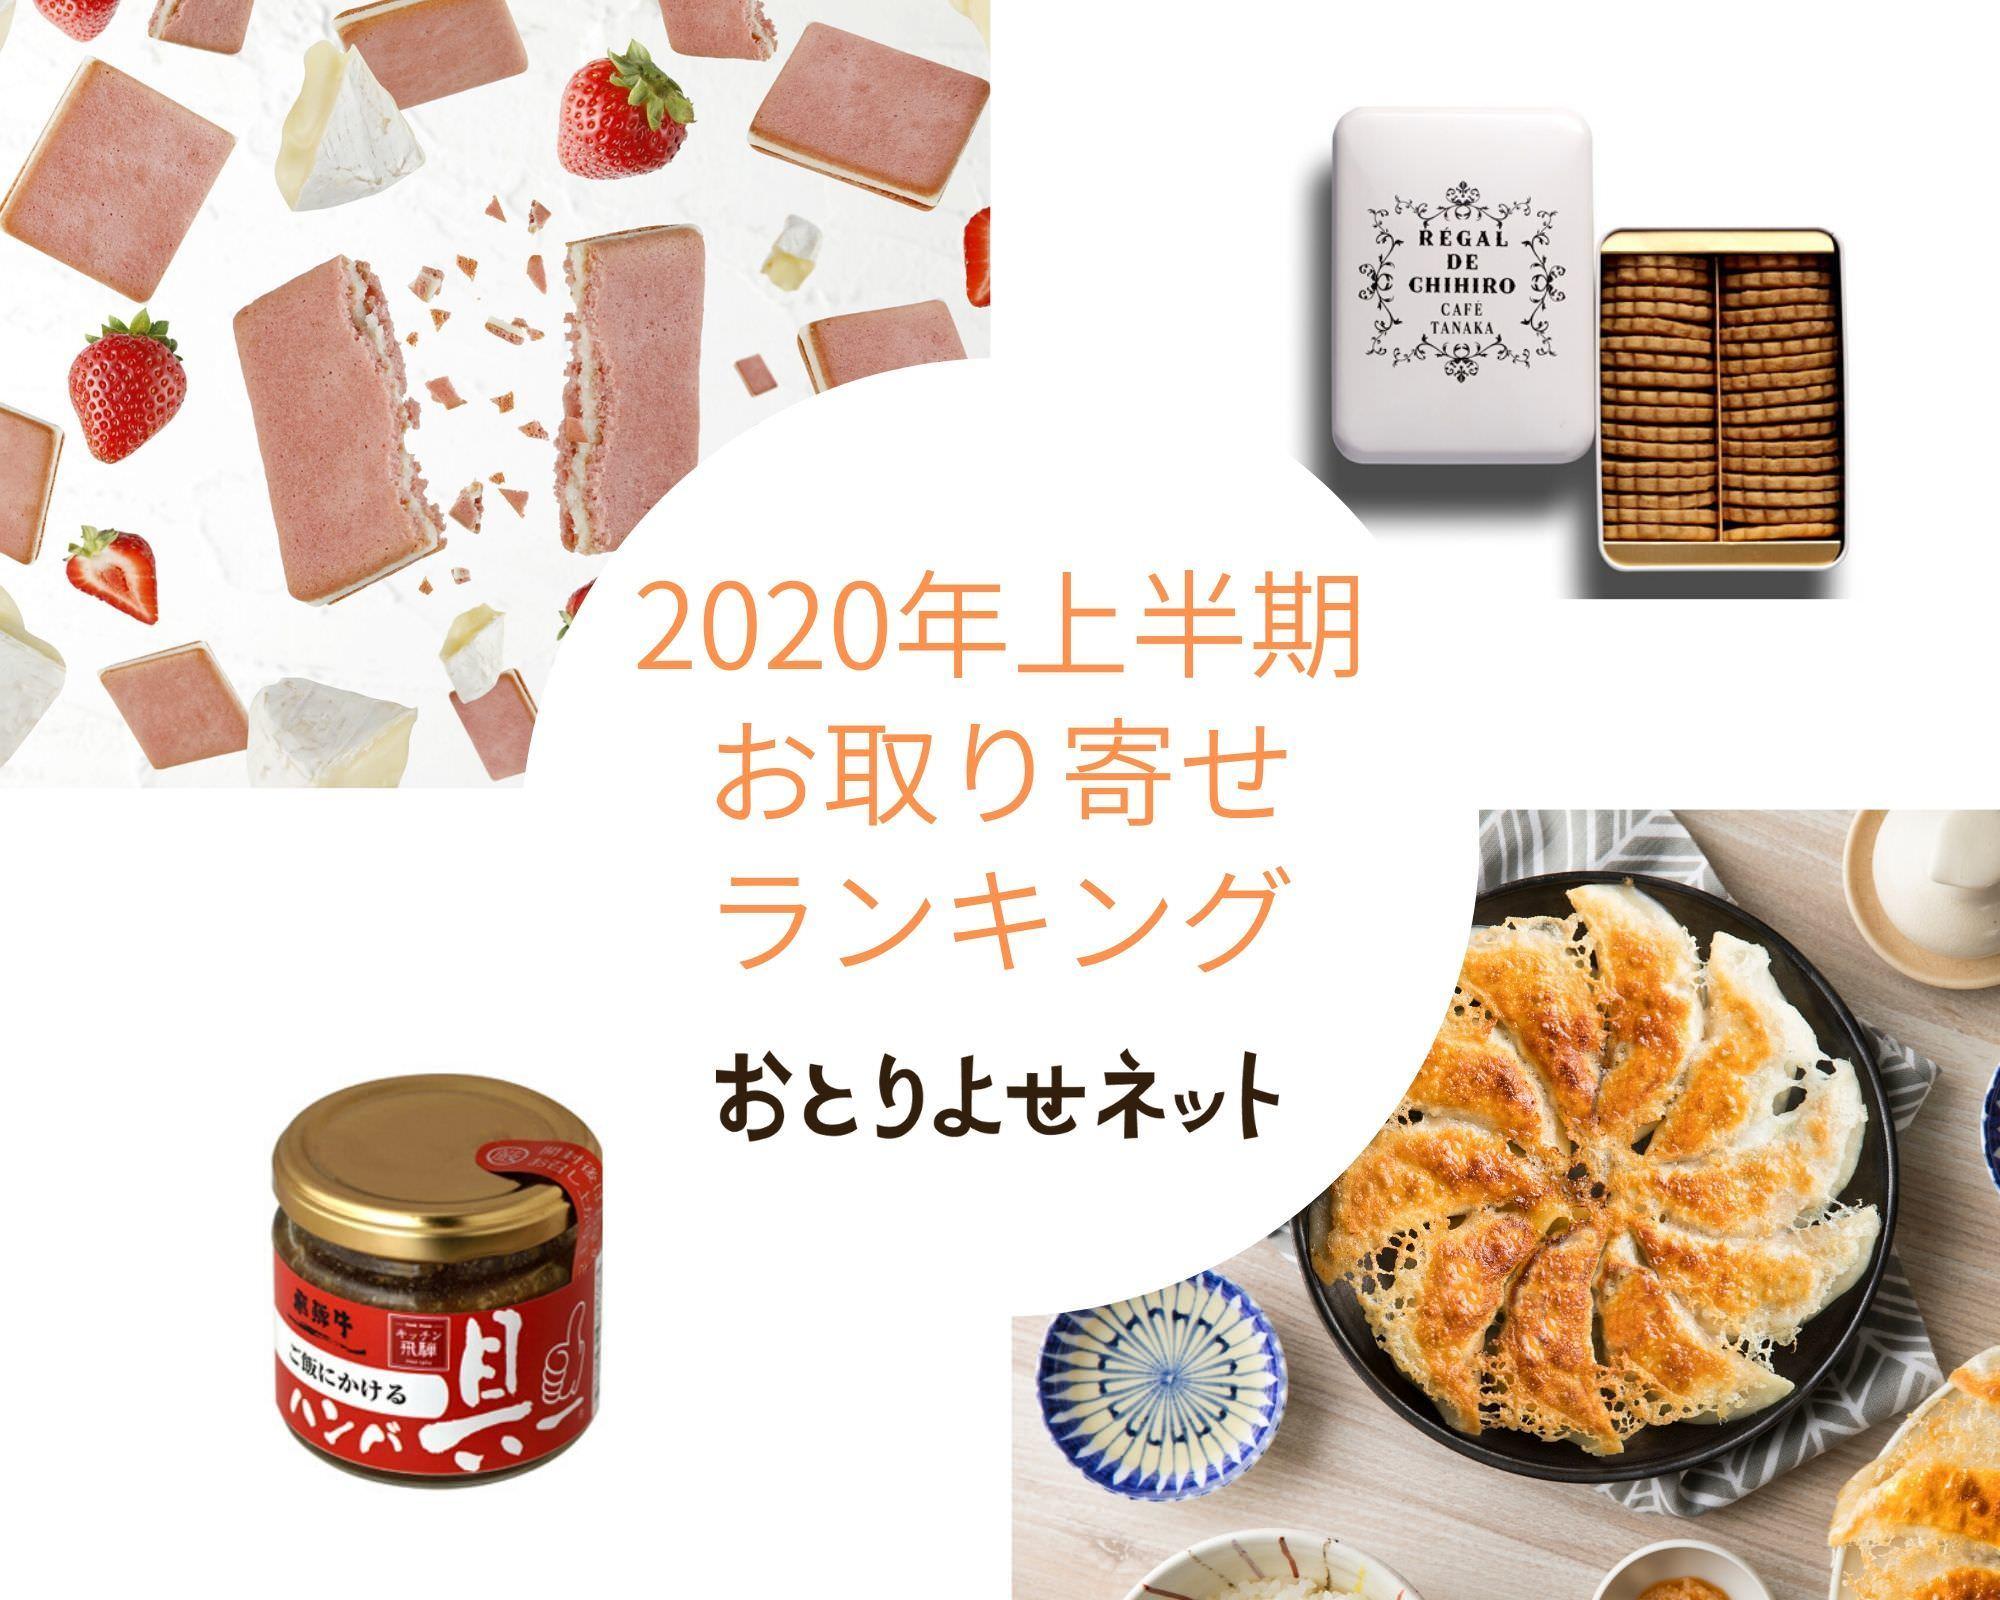 おとりよせネット、2020年上半期のお取り寄せランキング発表  おうち時間を楽しむ焼き菓子や ストックできるグルメがランクイン